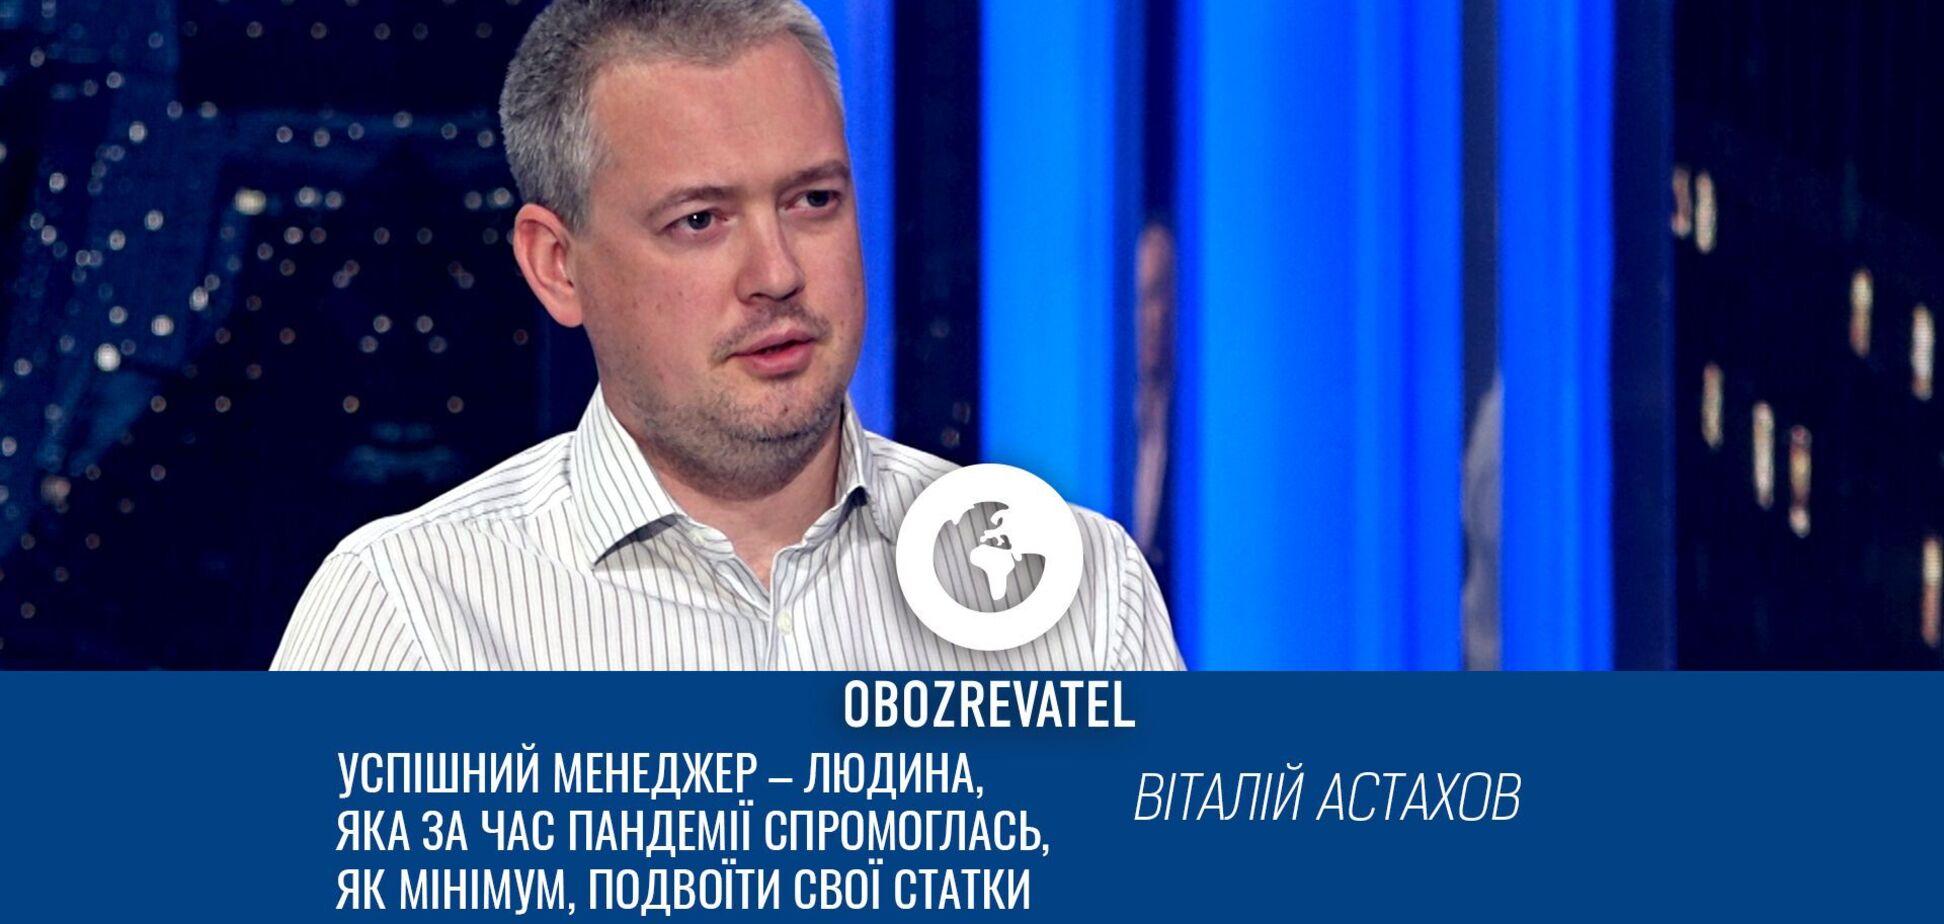 Географічна або національна ідентифікація IT галузі втратила актуальність, – Віталій Астахов